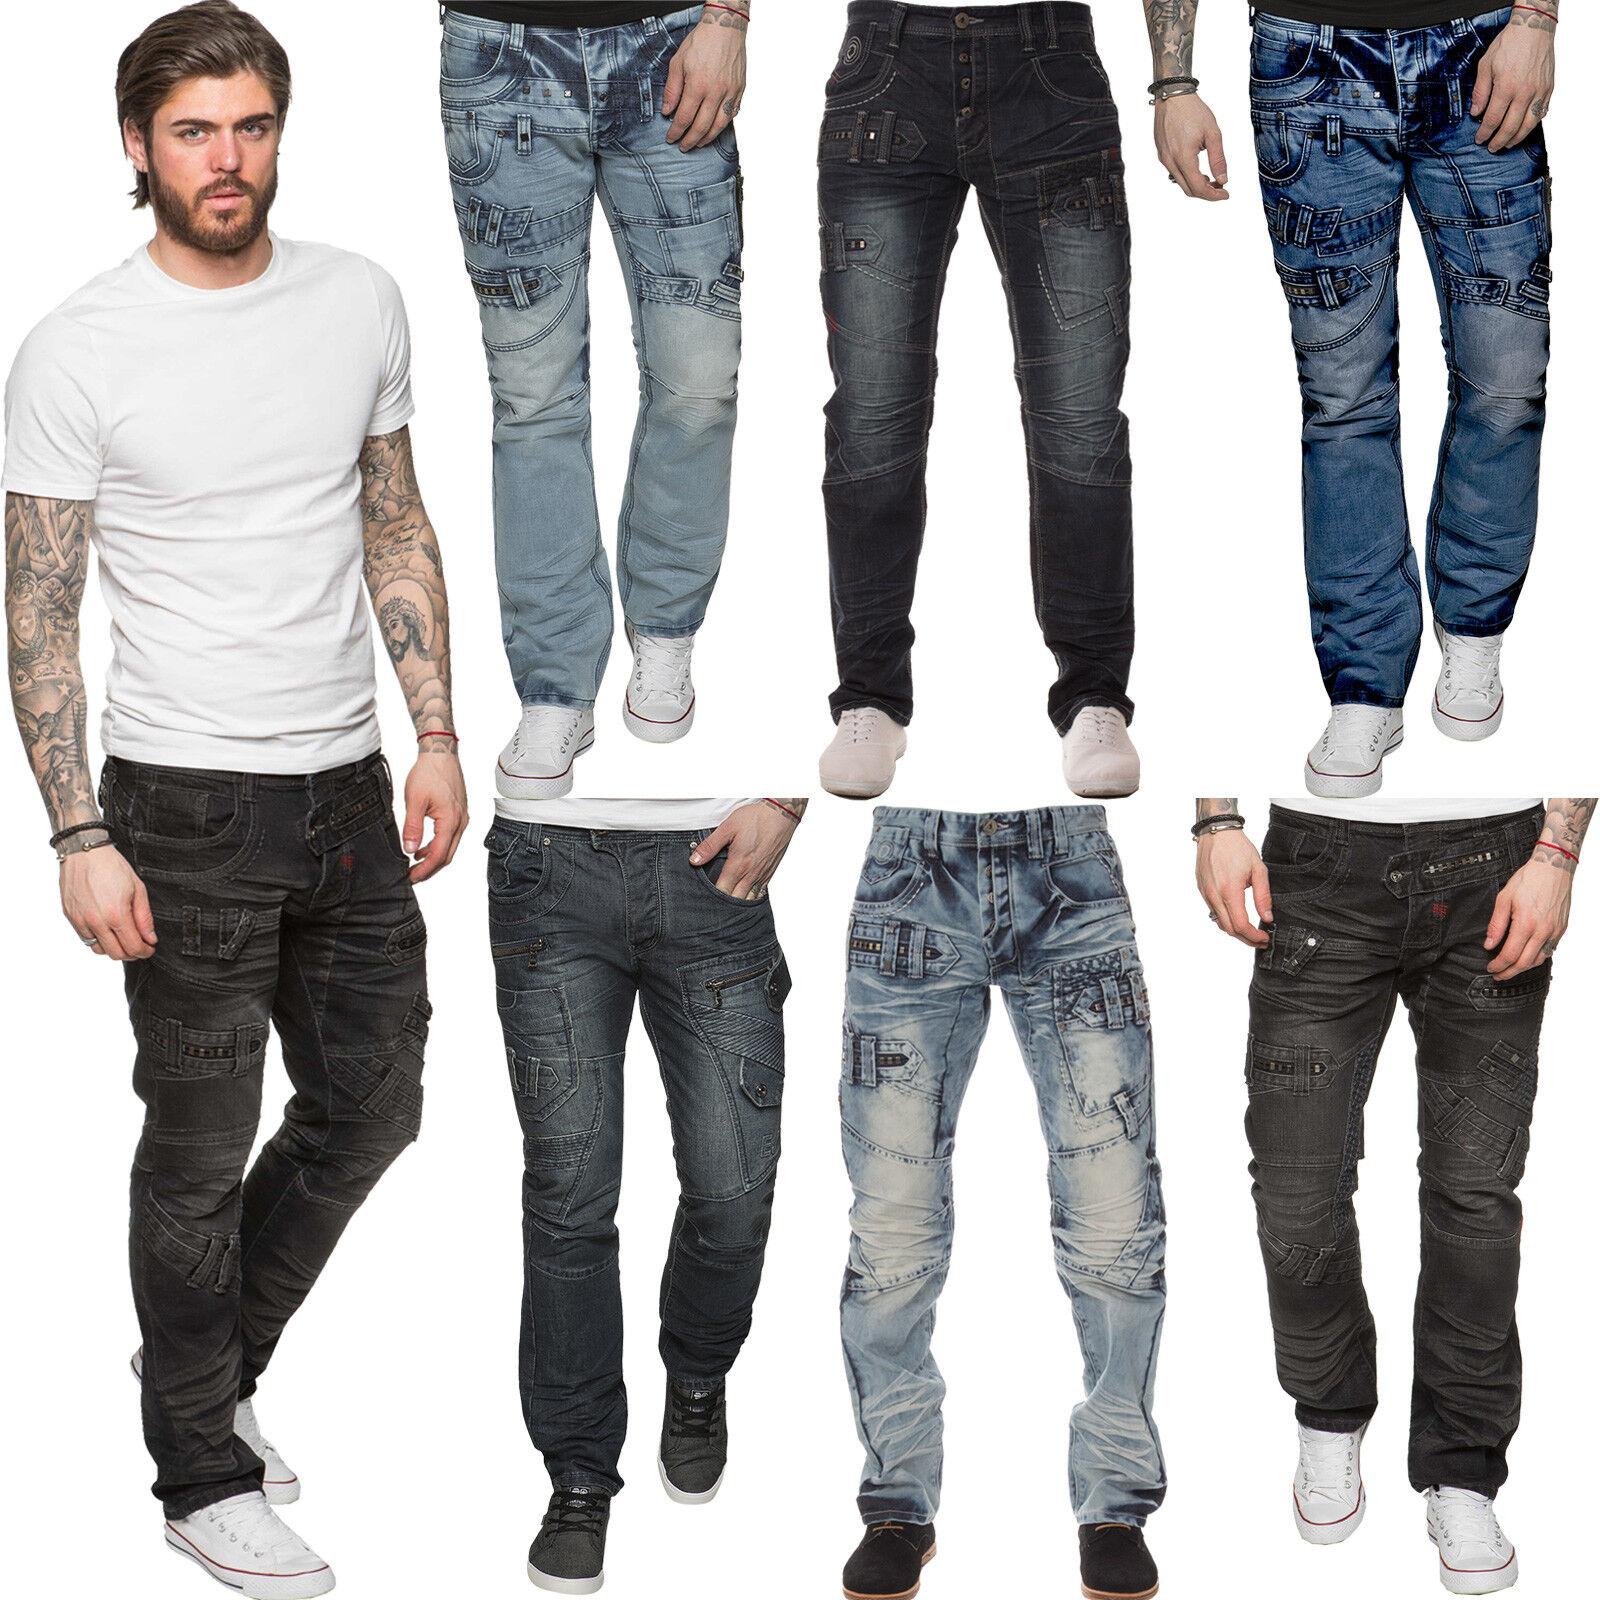 Eto Designer Herren Gerades Bein Jeans Regular Fit Denim Blau Hose Alle  | Um Eine Hohe Bewunderung Gewinnen Und Ist Weit Verbreitet Trusted In-und